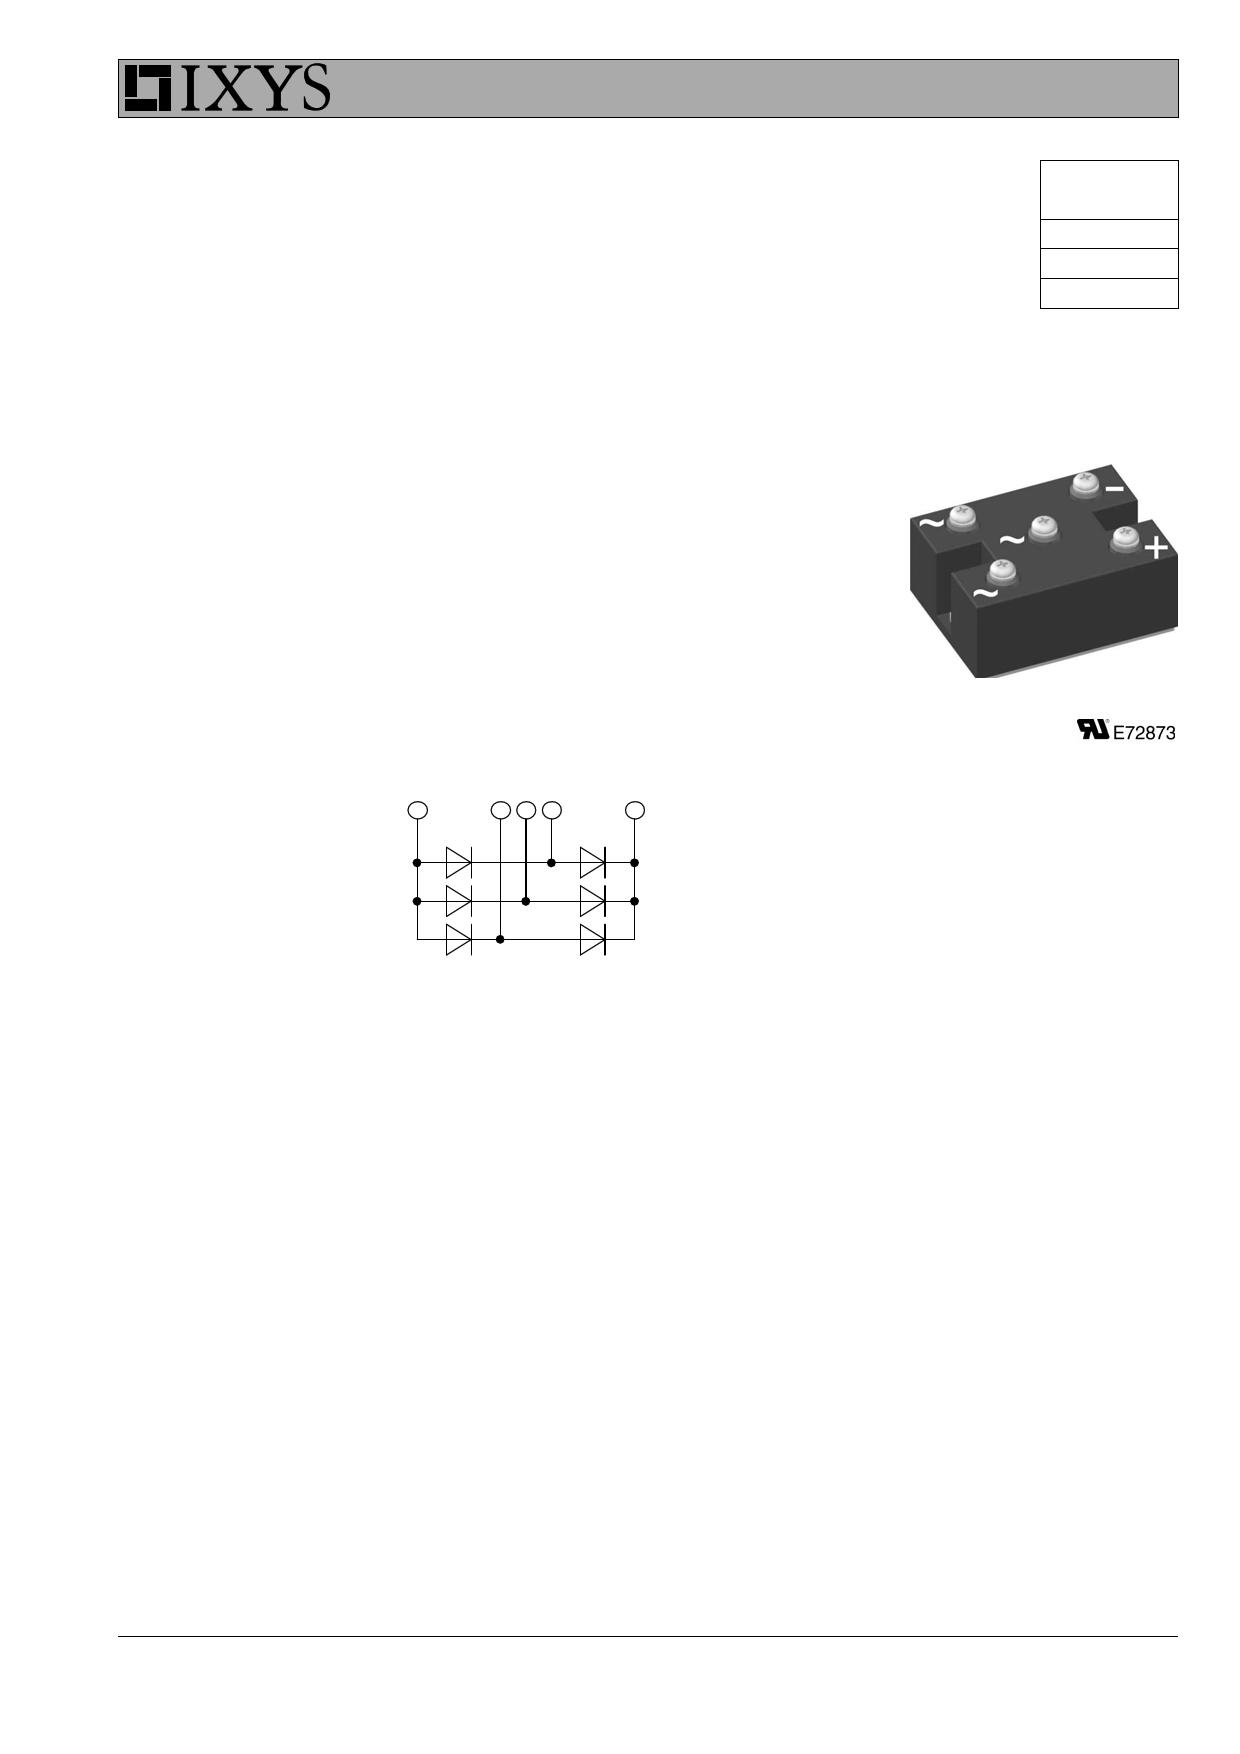 VUO125-16NO7 datasheet